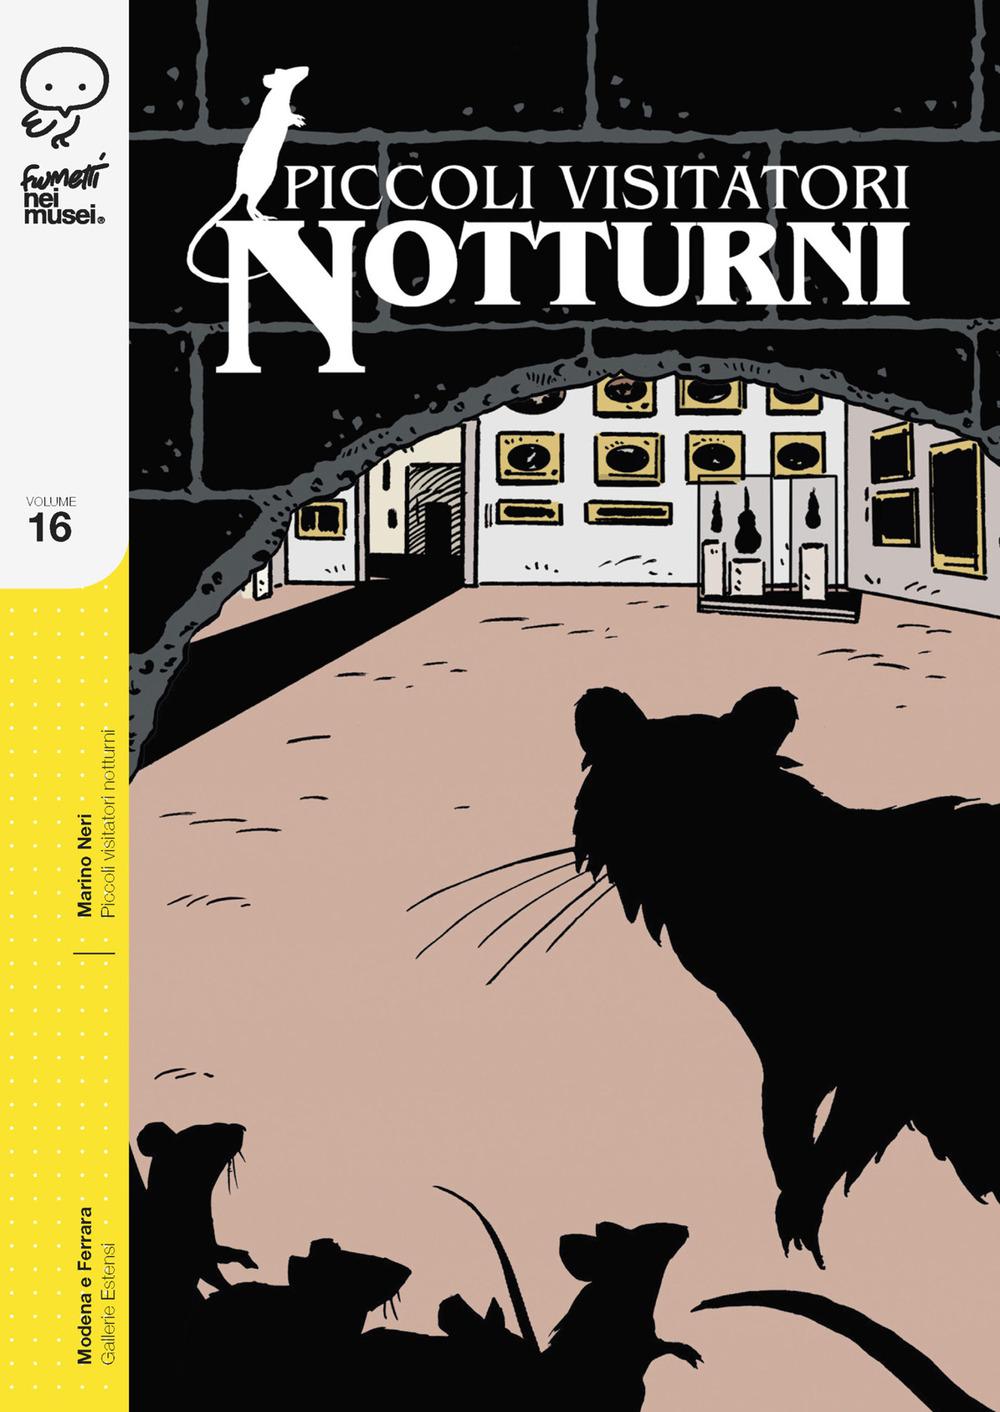 PICCOLI VISITATORI NOTTURNI vol.16 - Marino Neri - 9788876184864